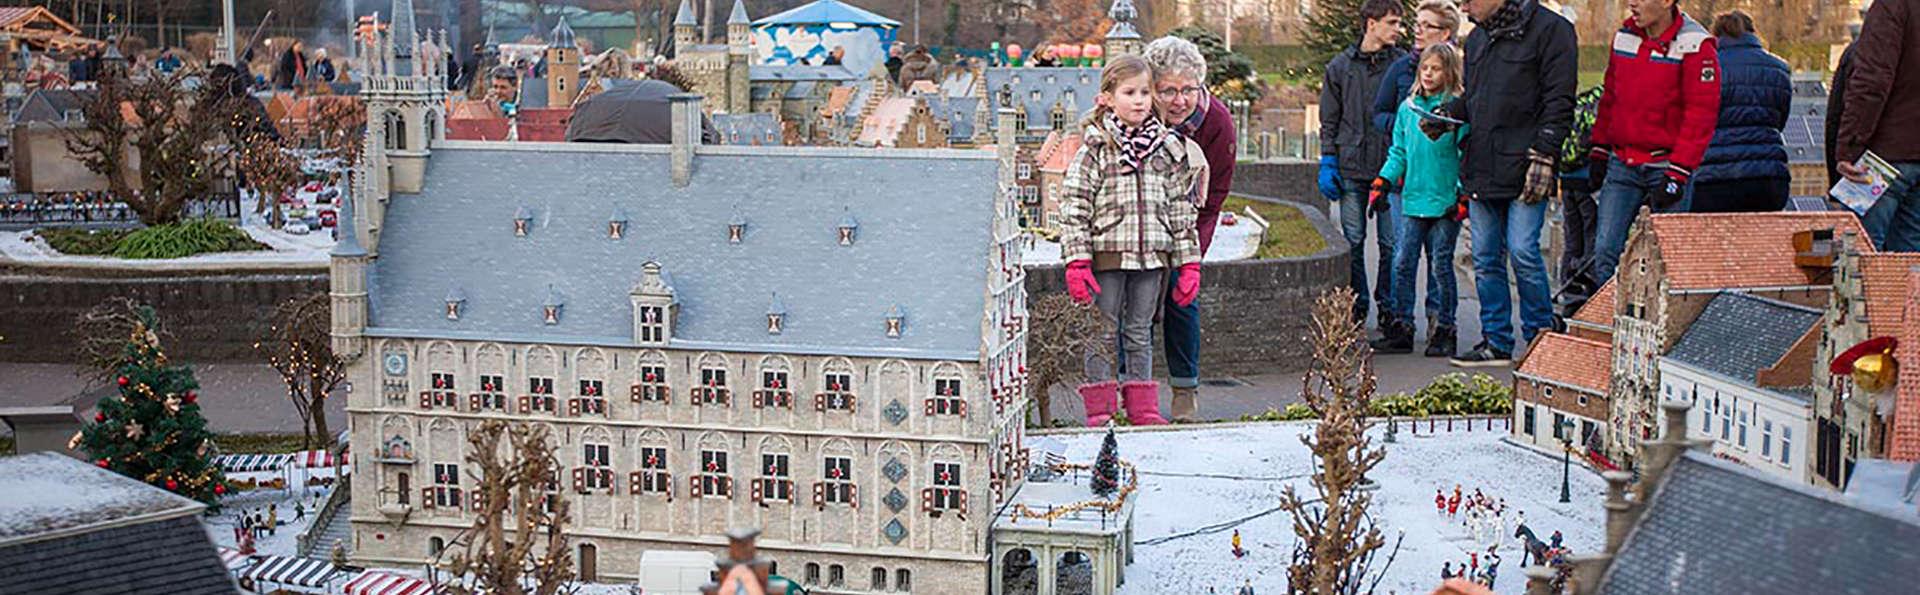 Descubre la magia de la ciudad de Leiden